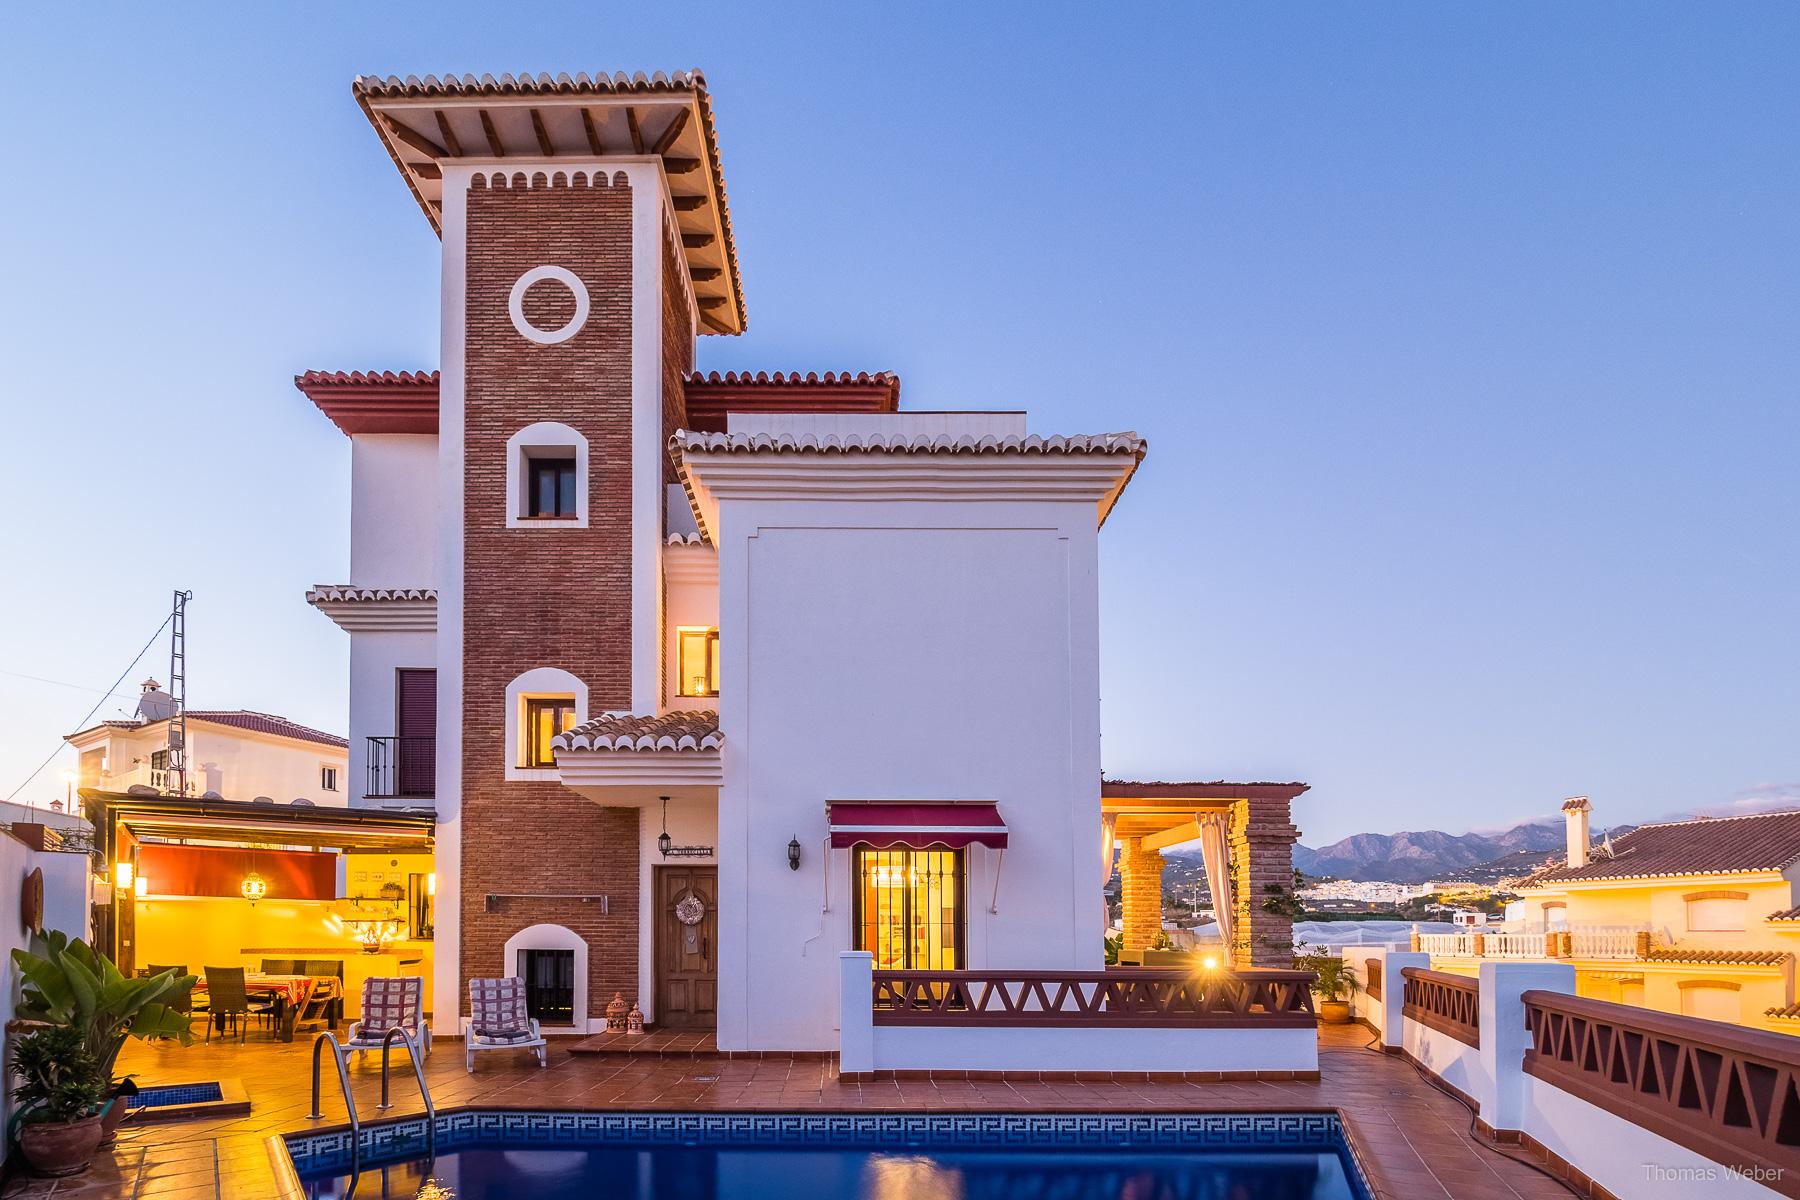 Ferienhaus in der Nähe von Málaga, Architekturfotografie in Spanien, Fotograf Thomas Weber aus Oldenburg